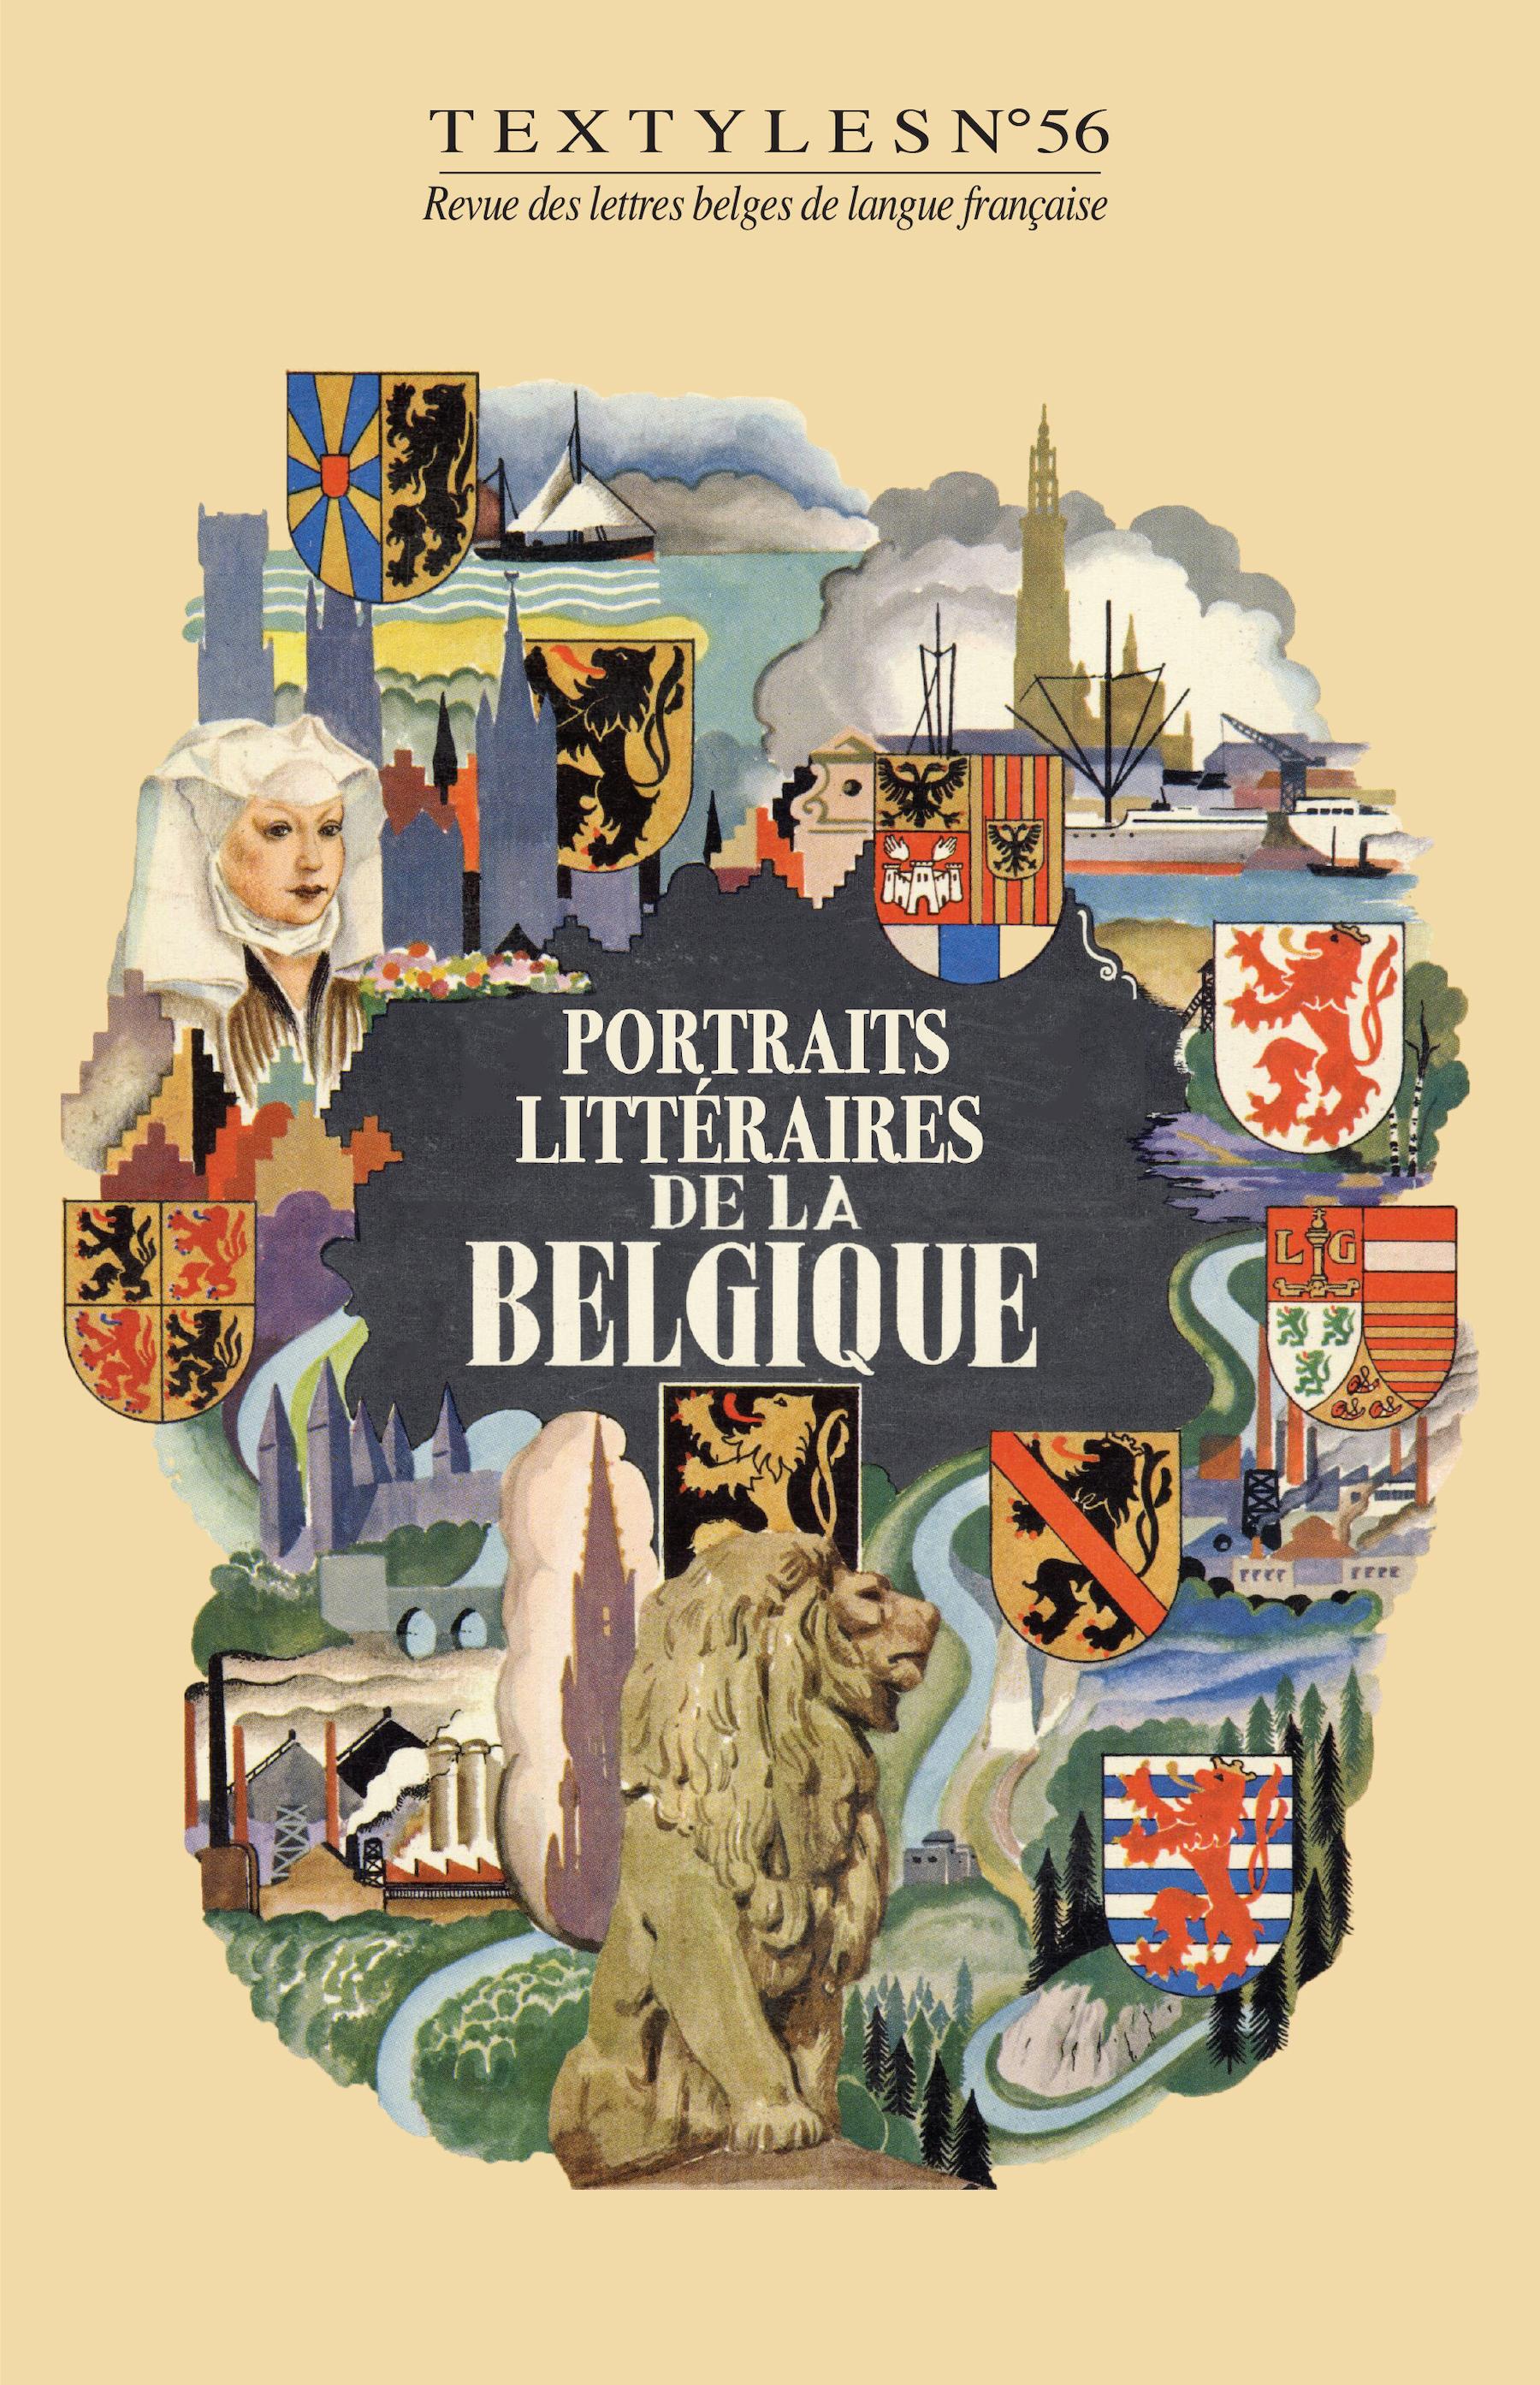 Portraits littéraires de la Belgique